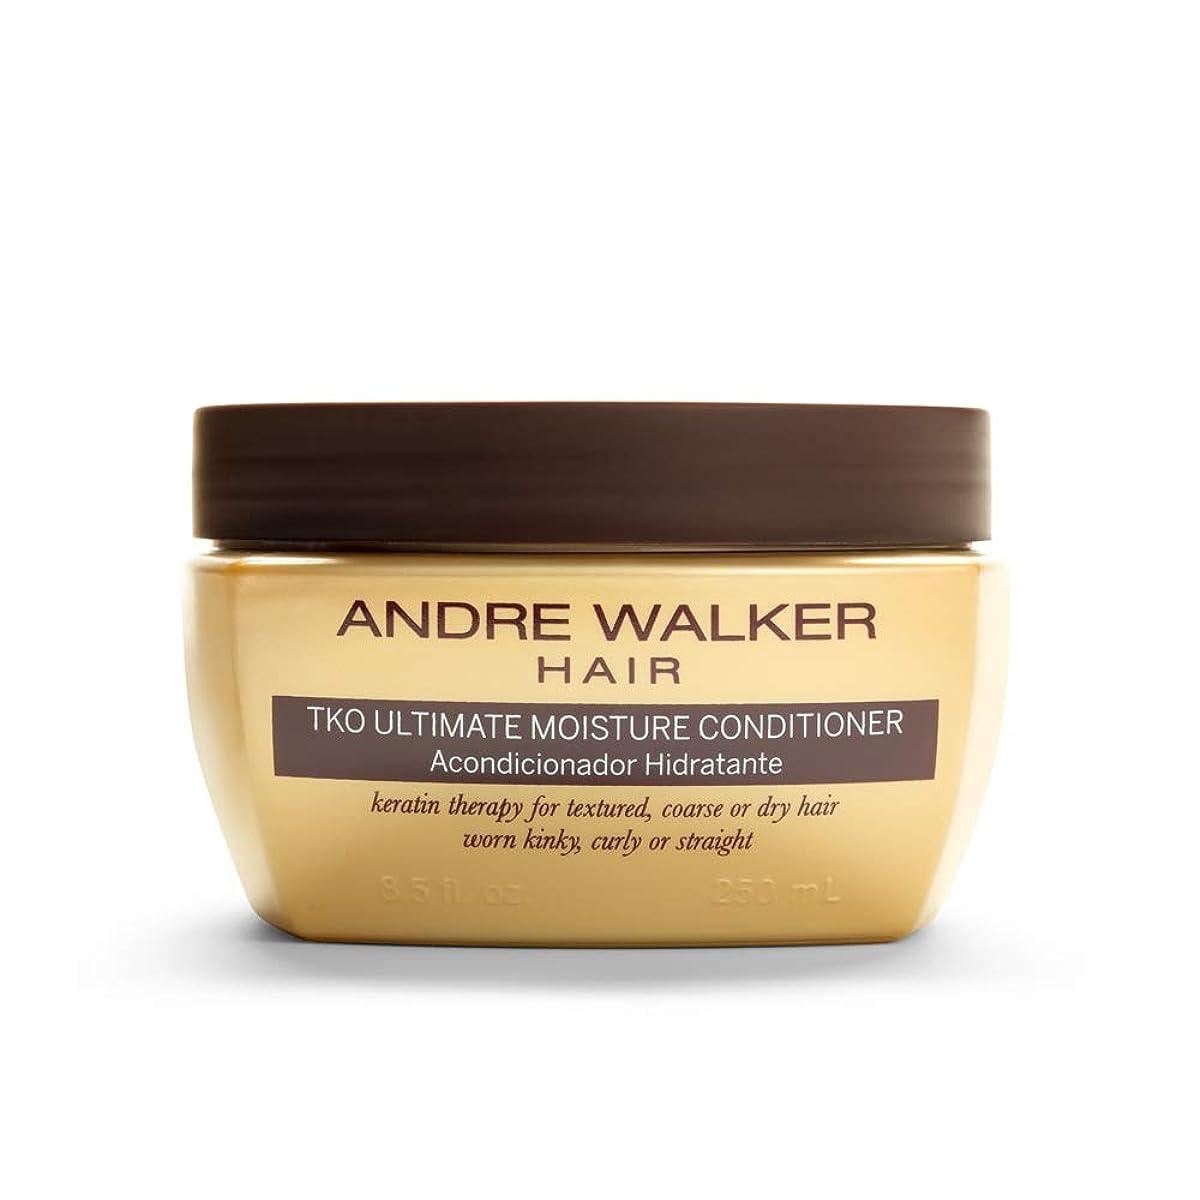 さわやか十分世界的にAndre Walker Hair The Gold System TKO Ultimate Moisture Conditioner 8.5 fl oz. by Andre Walker Hair